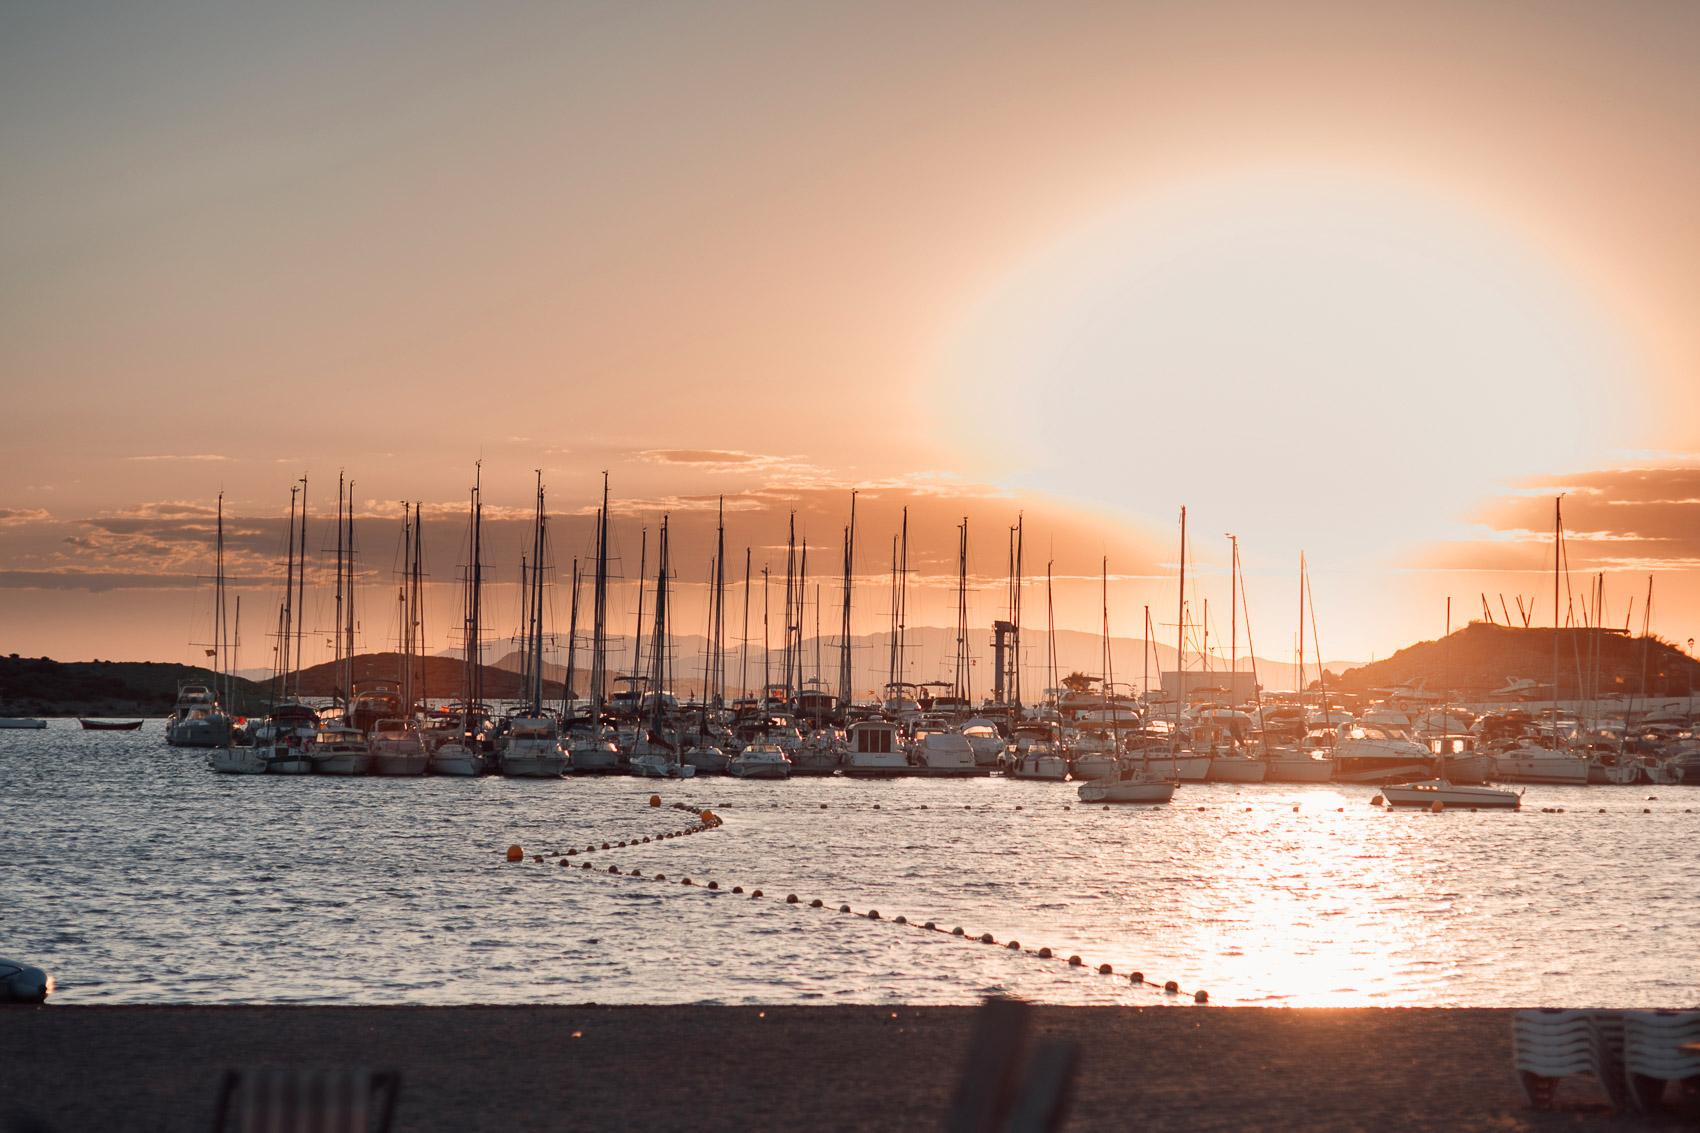 fotografia mar atardecer manga puerto barcos